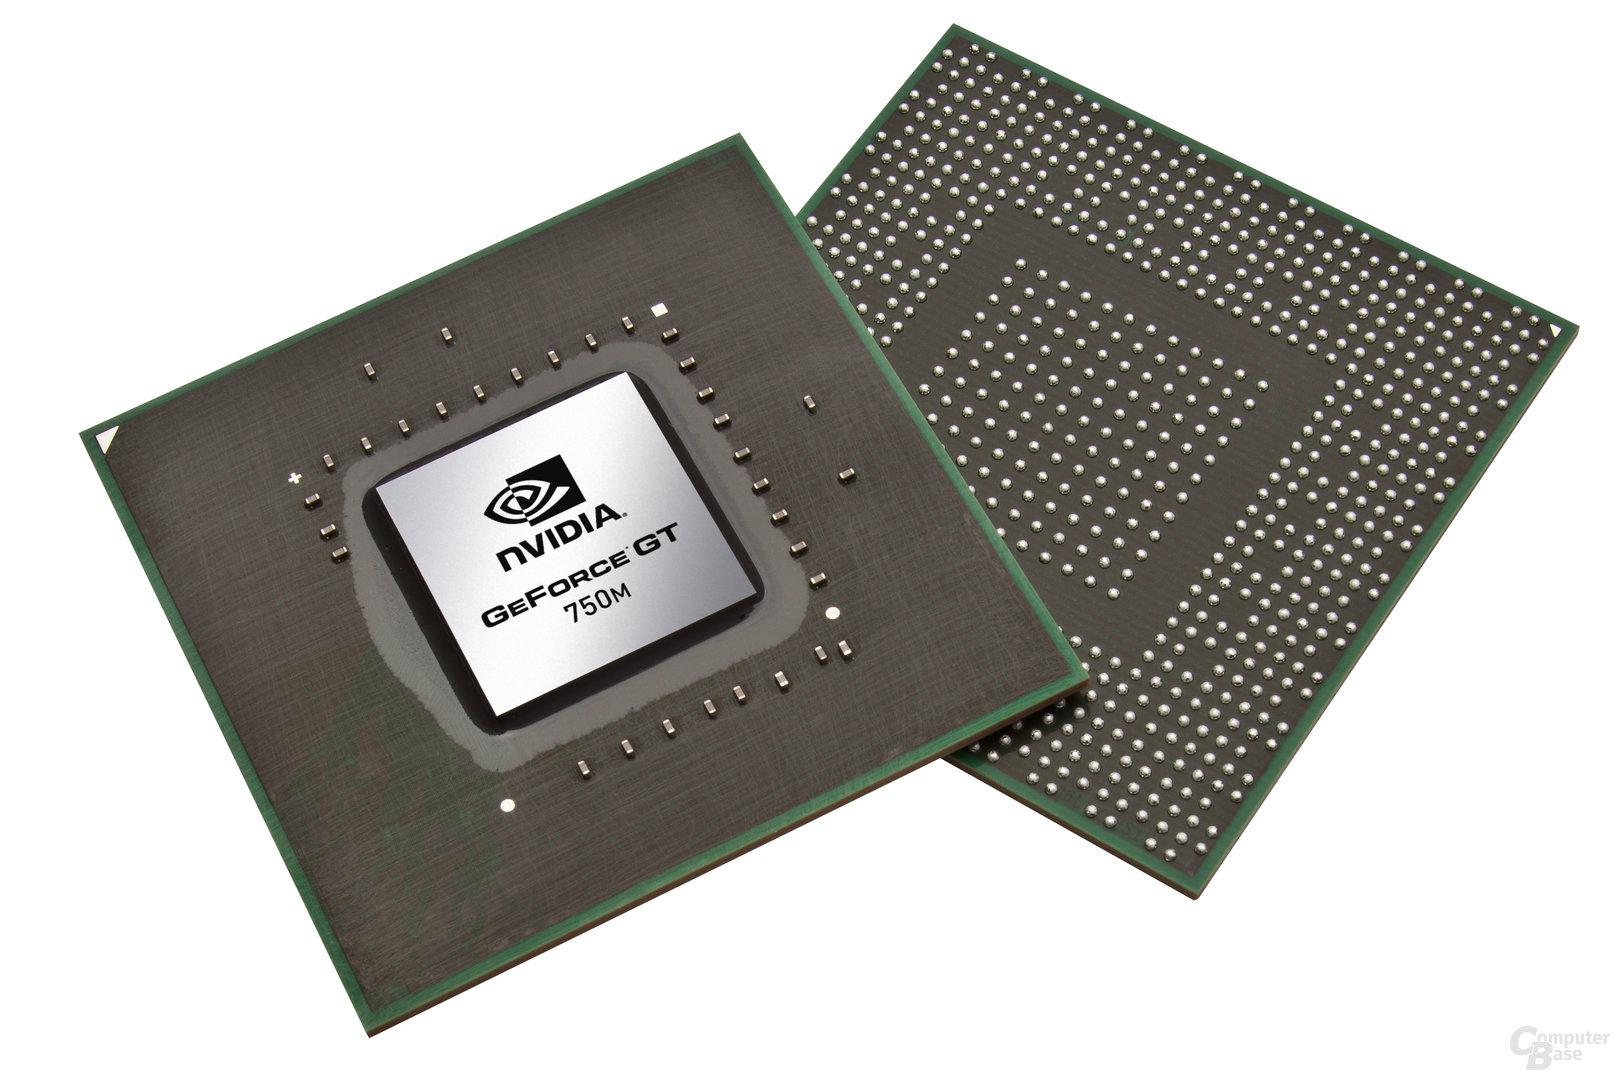 GeForce GT 750M